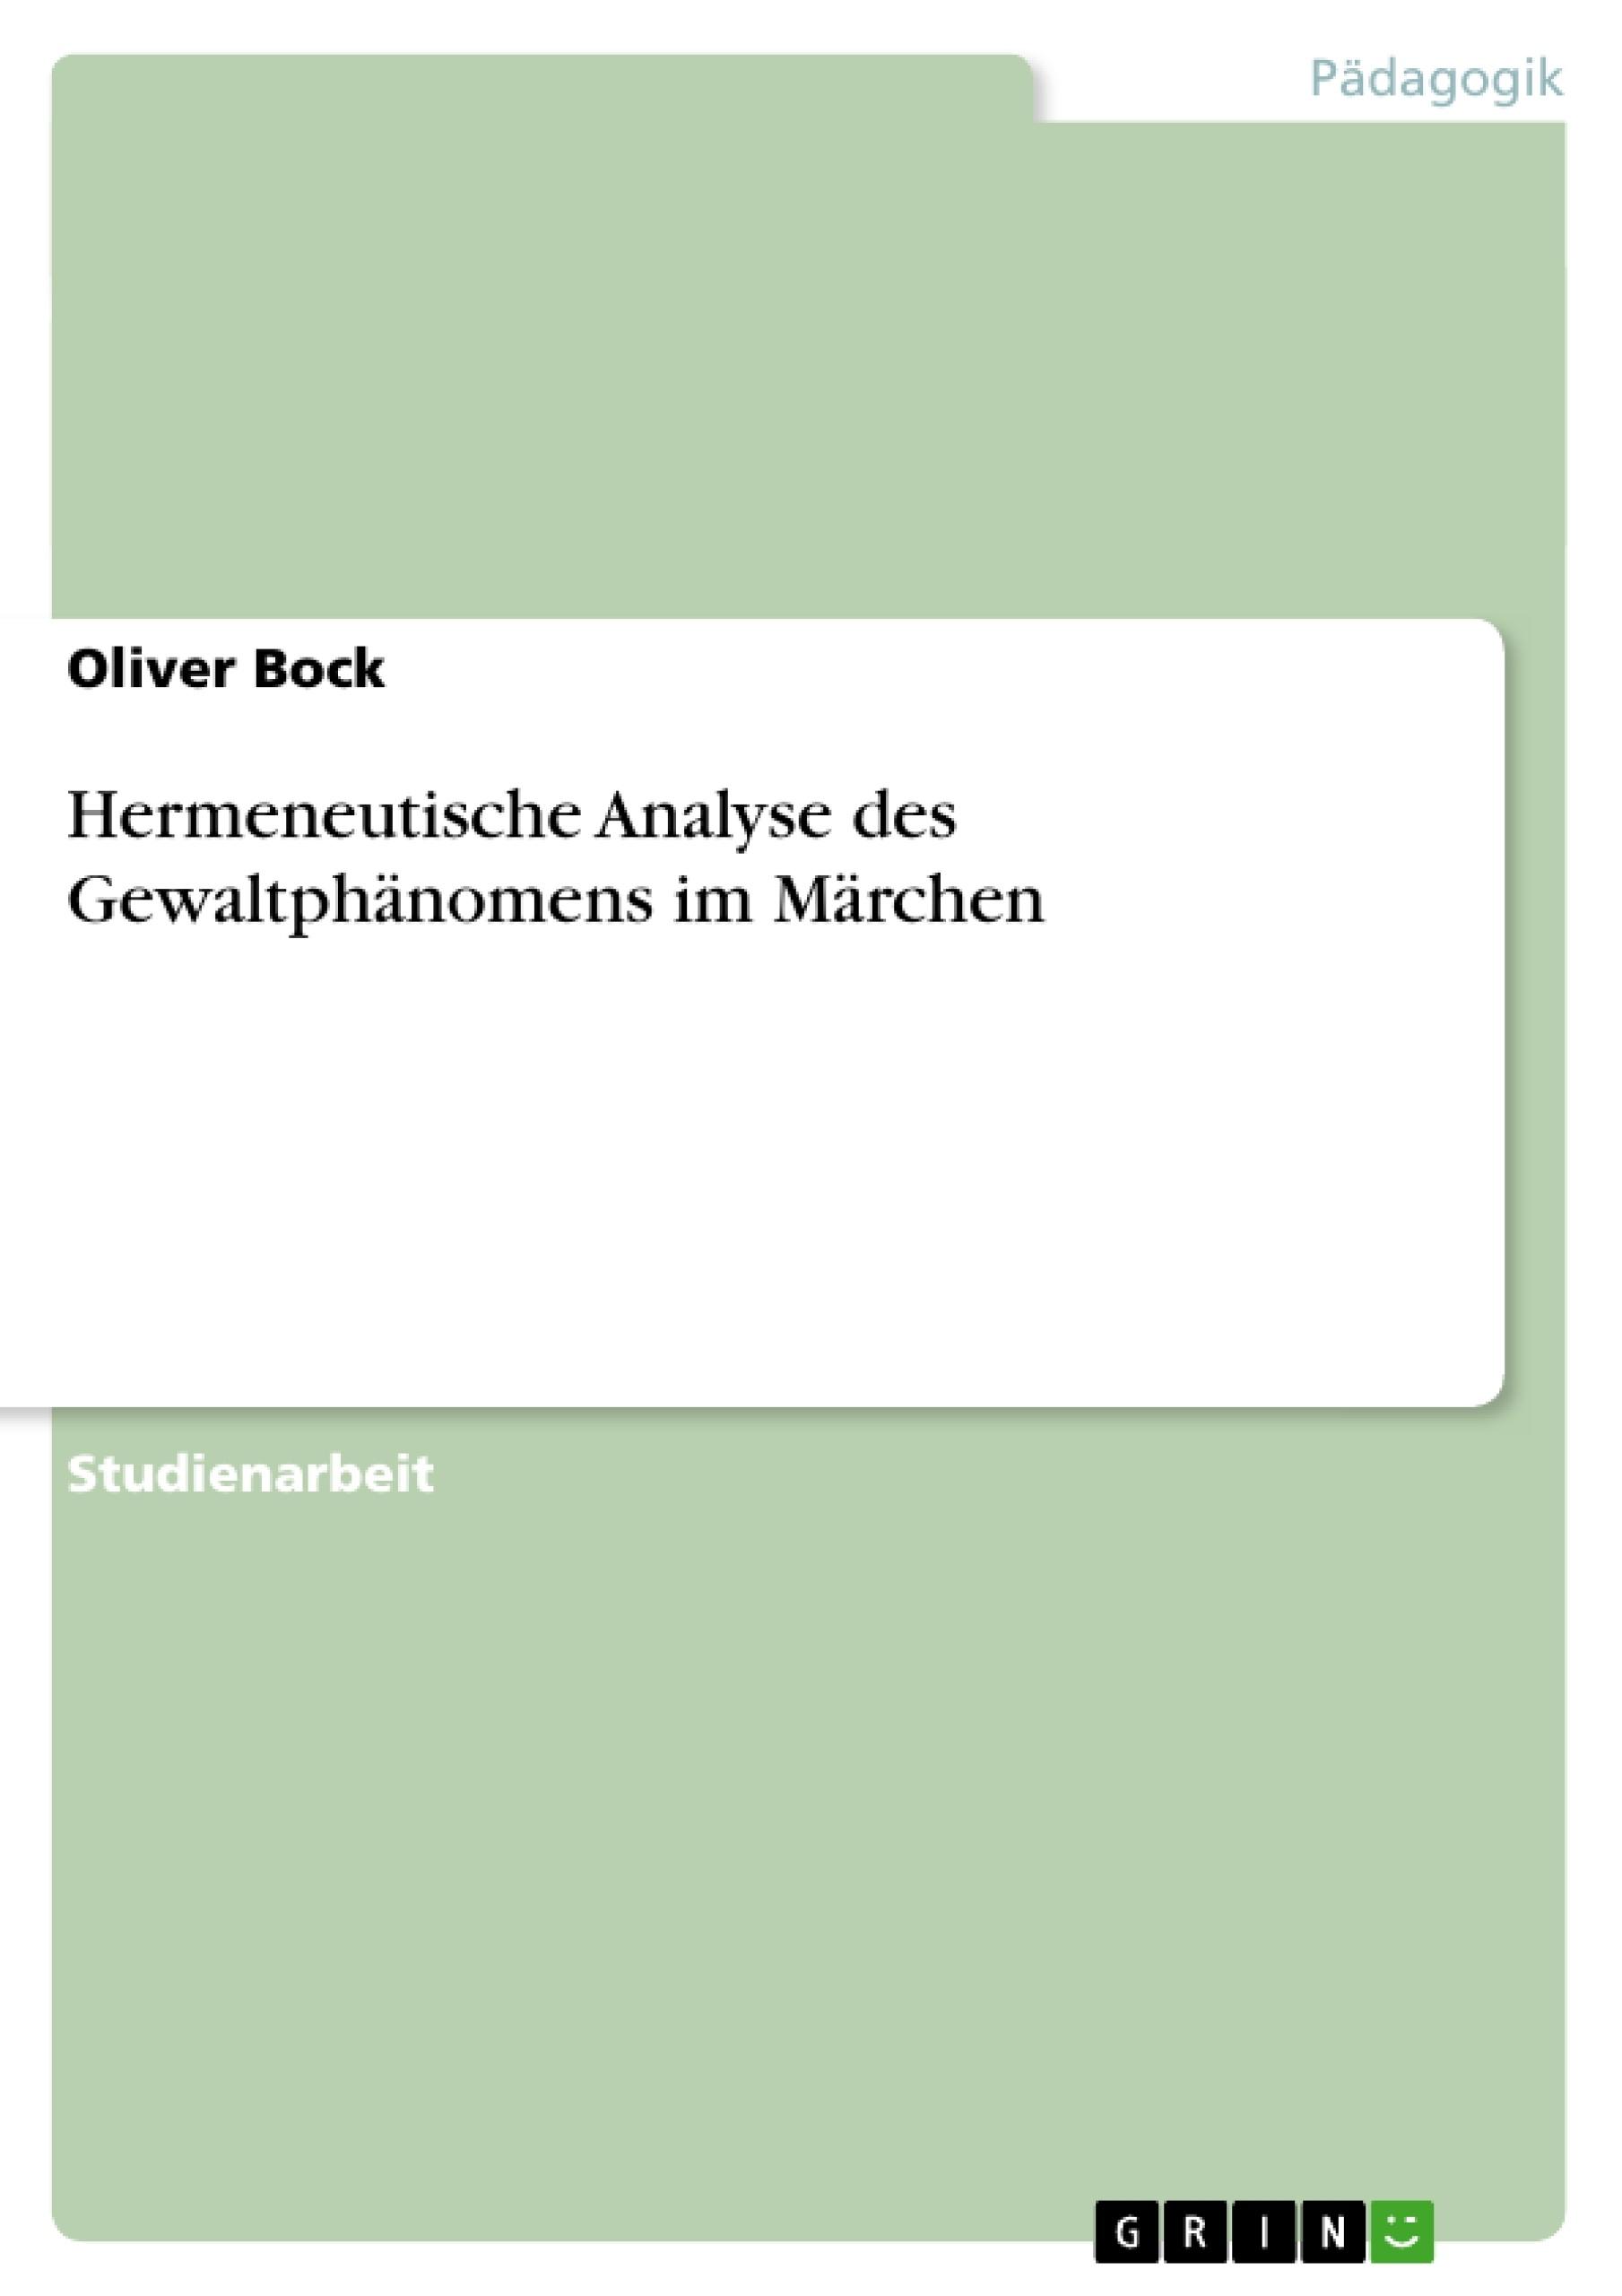 Titel: Hermeneutische Analyse des Gewaltphänomens im Märchen